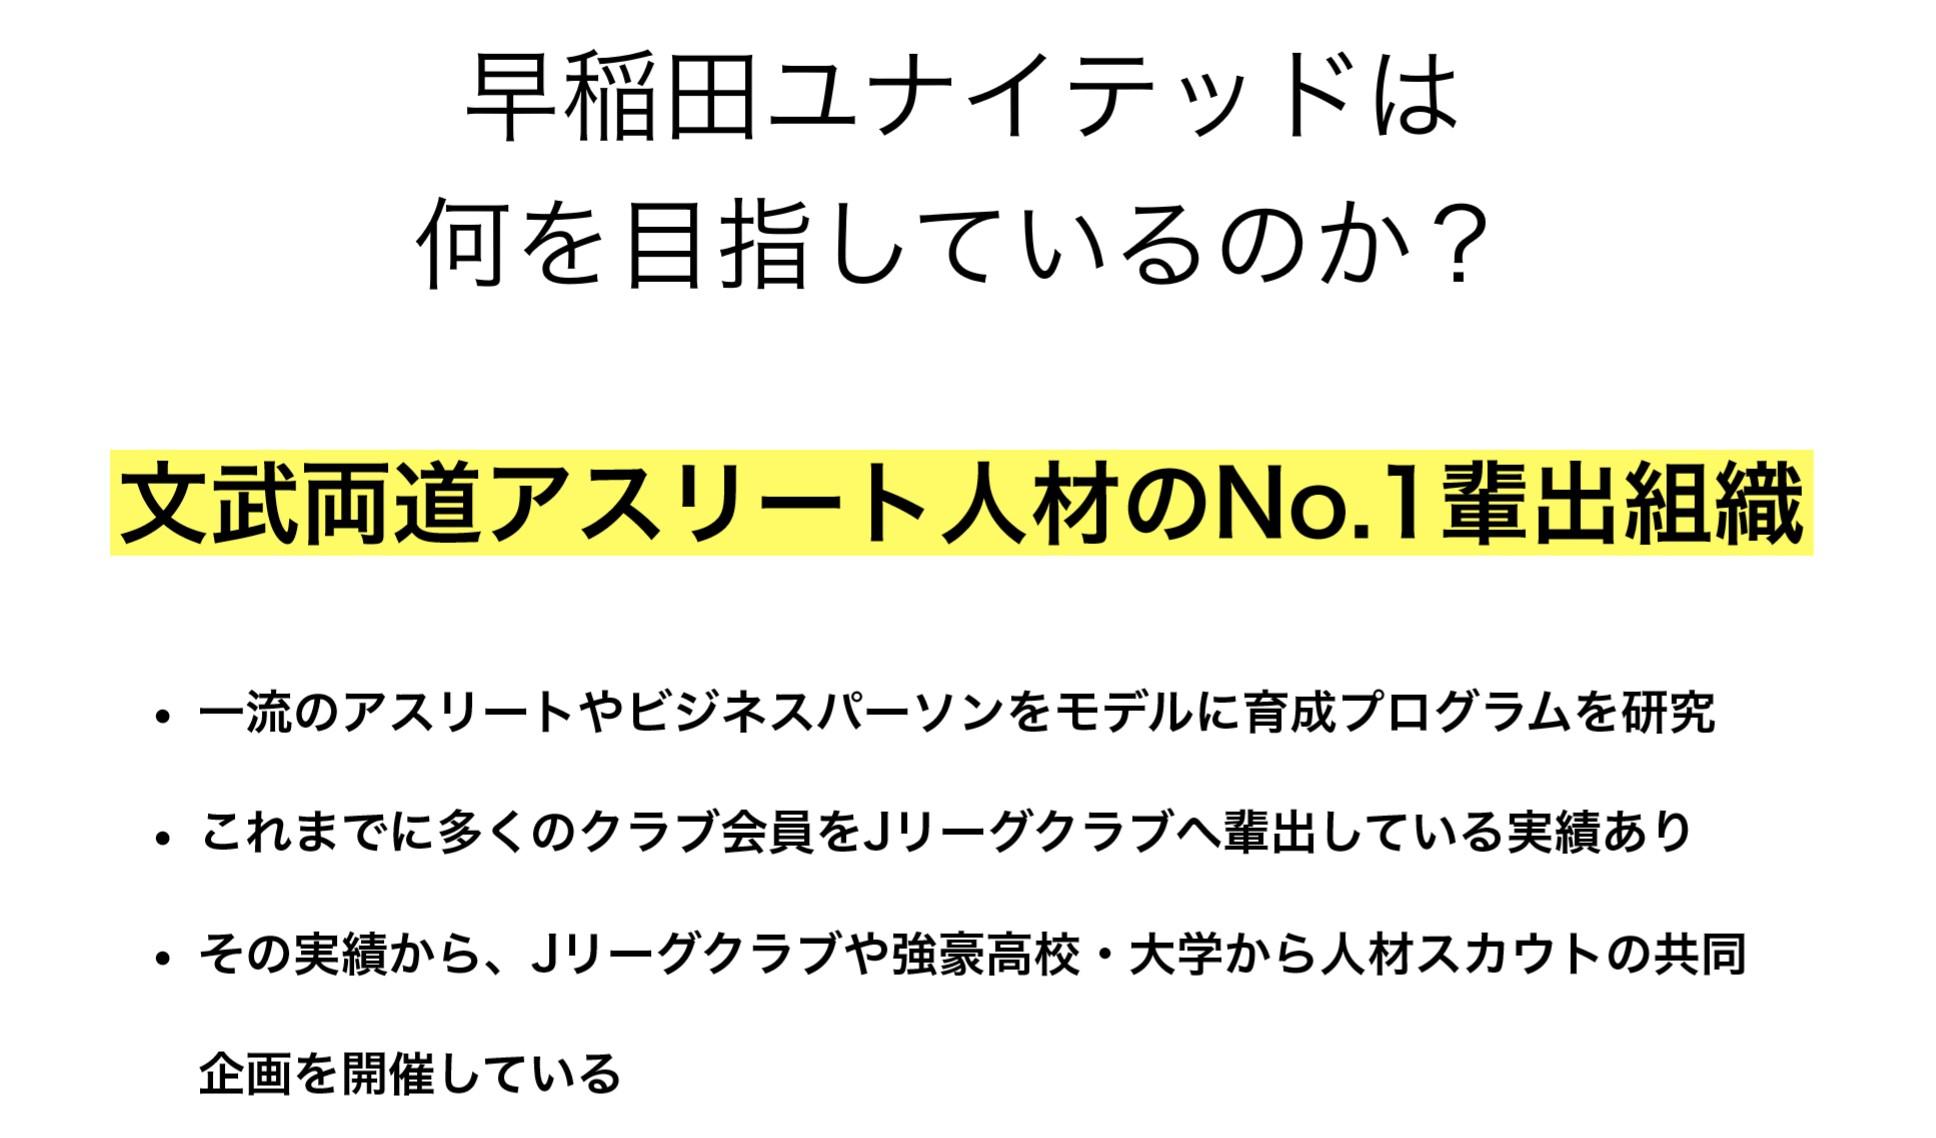 早稲田ユナイテッドアカデミー説明資料4